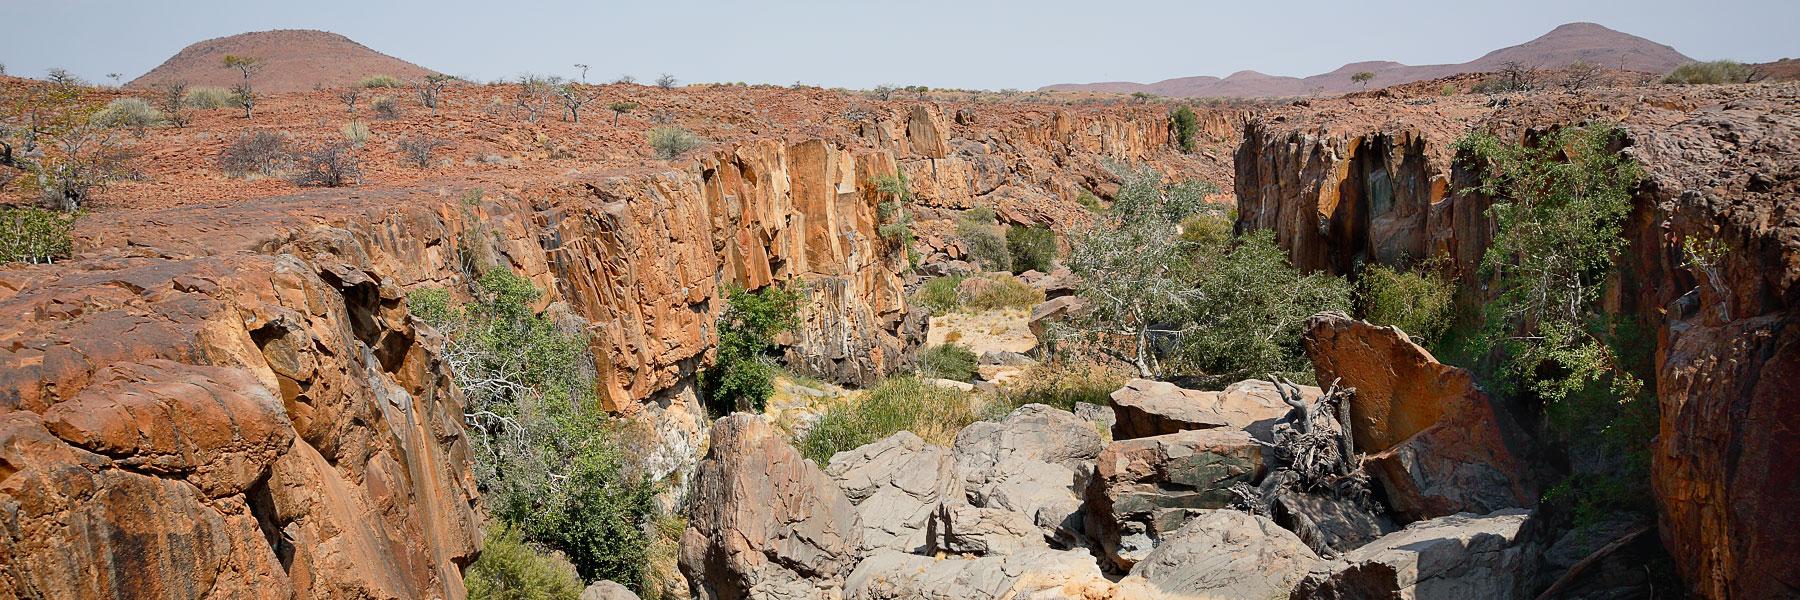 Paysage-Kaokoland-Namibie